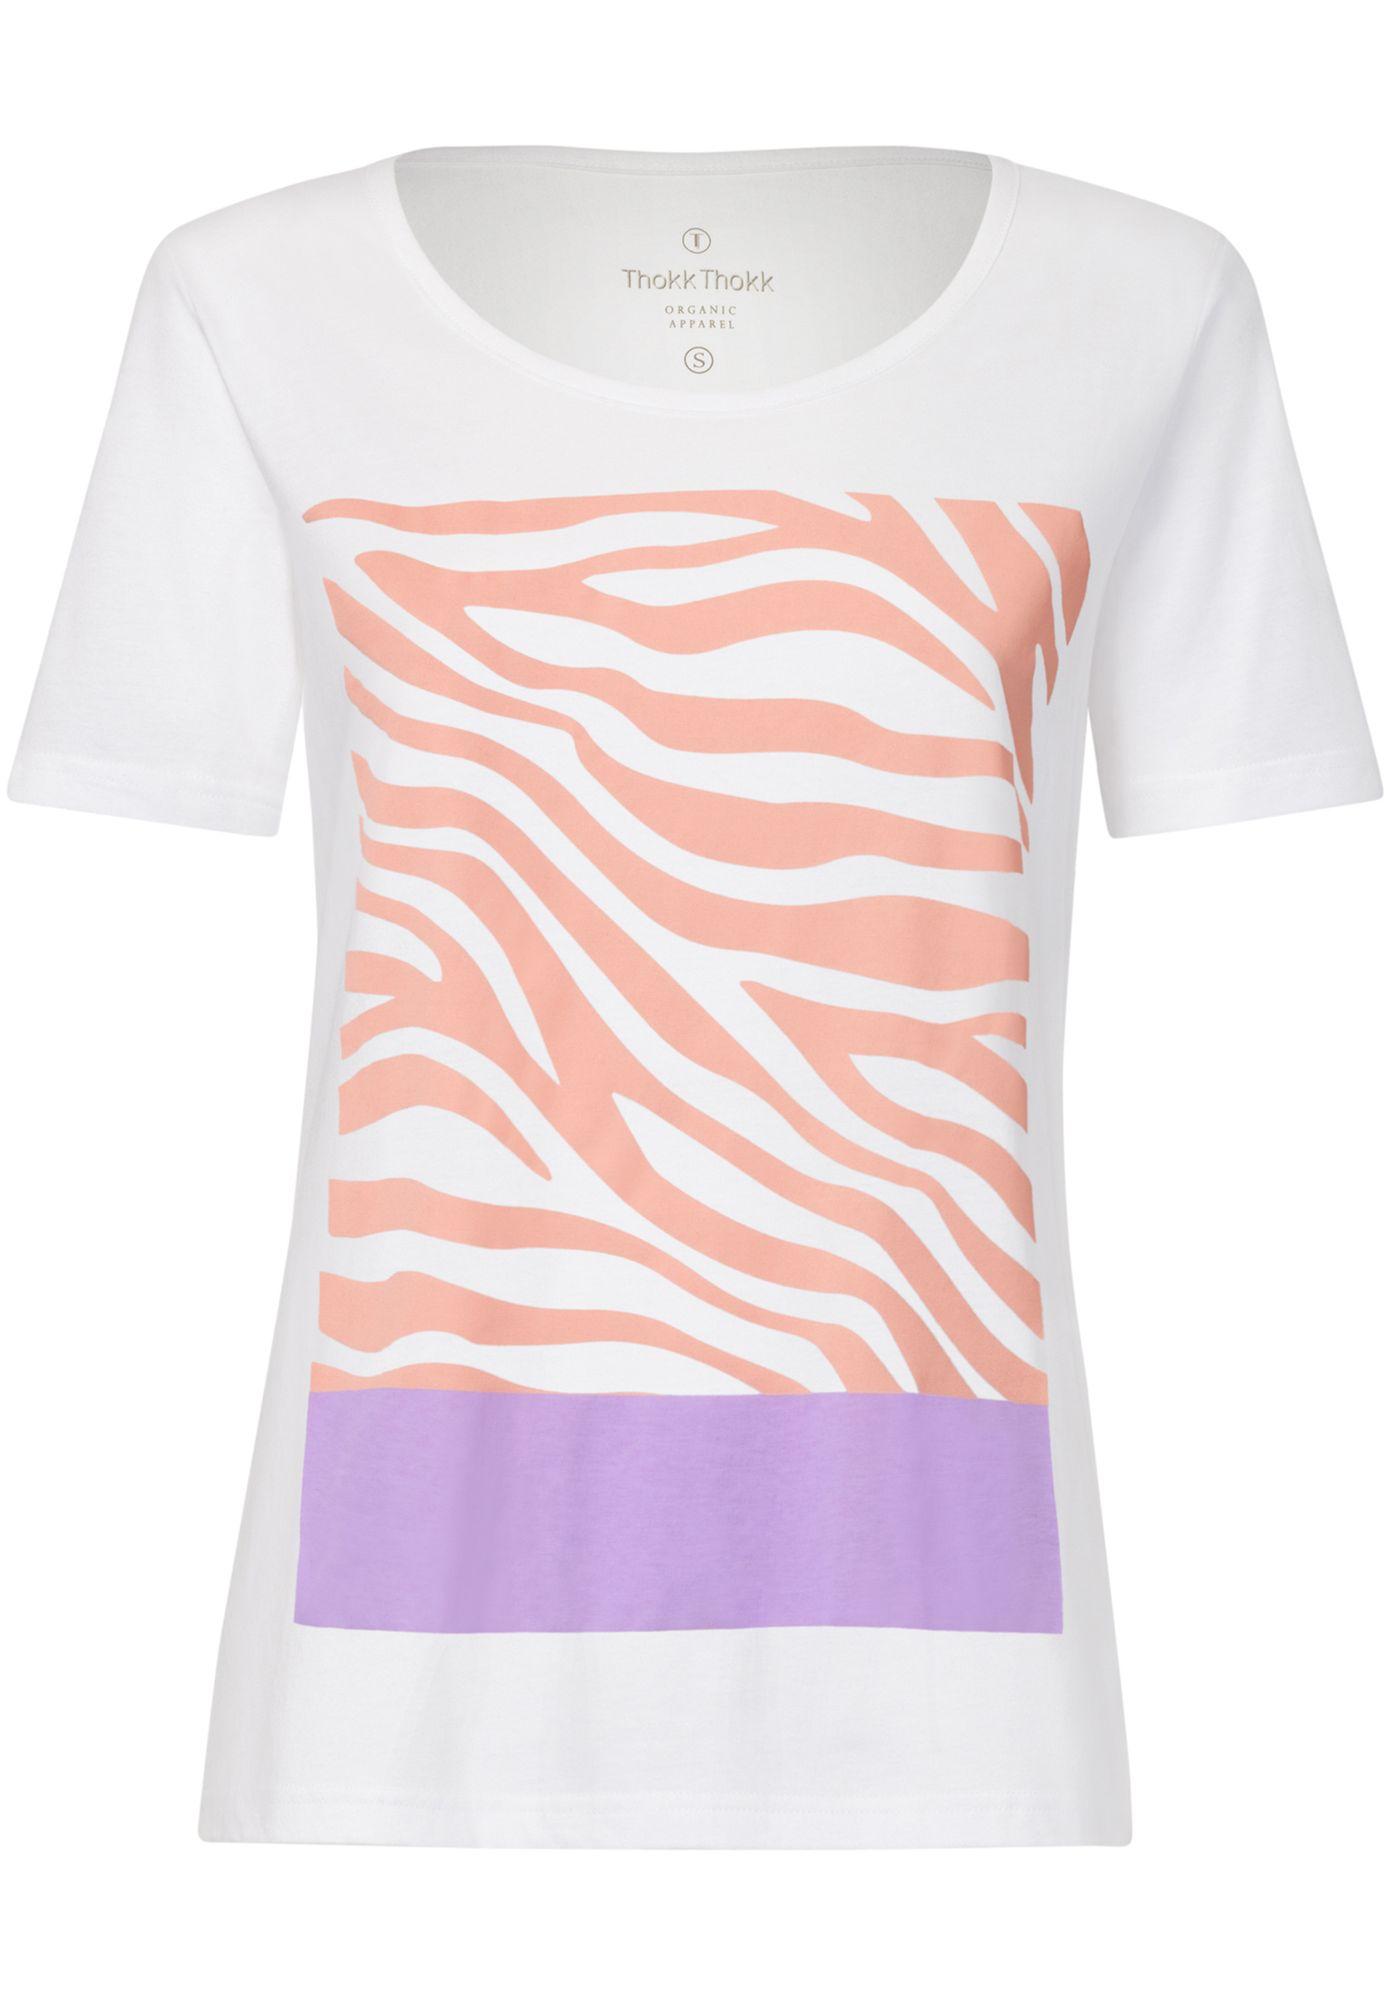 Zebra18 TT64 T-Shirt White